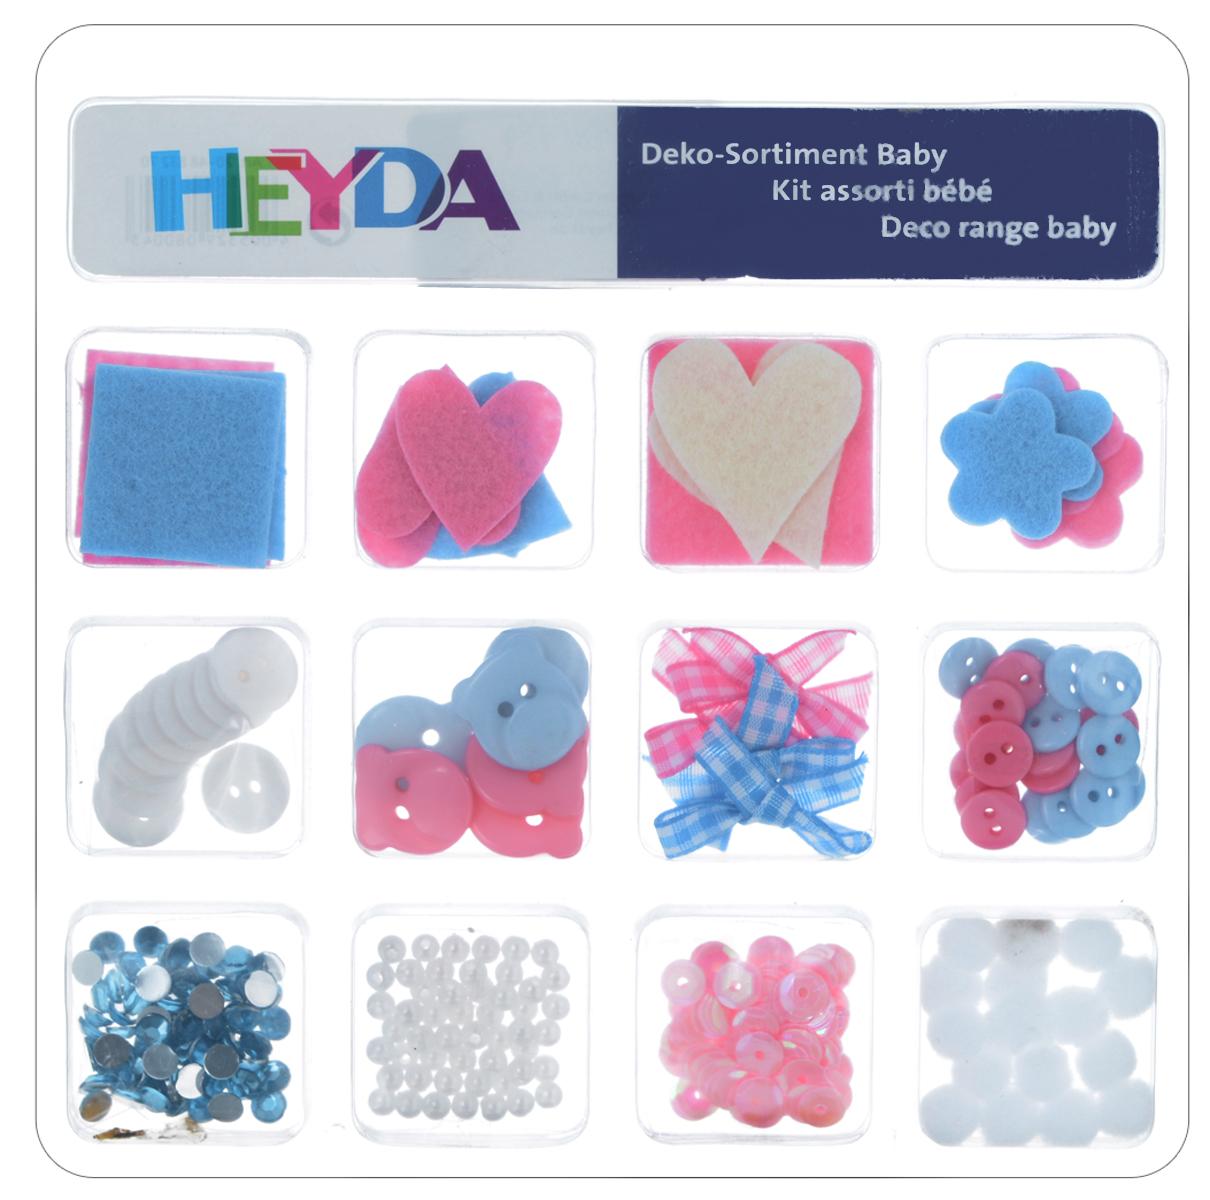 Декоративный набор для скрапбукинга Heyda Baby, 12 дизайнов204883270Набор Heyda Baby позволит оригинально украсить работы в стиле скрапбукинг. Вы сможете создать красивый альбом, фоторамку или открытку ручной работы, оформить подарок или аппликацию. В наборе - различные элементы декора 12 дизайнов (ленты, бусины, пайетки, стразы, пуговицы, фигурки из фетра). Скрапбукинг - это хобби, которое способно приносить массу приятных эмоций не только человеку, который этим занимается, но и его близким, друзьям, родным. Это невероятно увлекательное занятие, которое поможет вам сохранить наиболее памятные и яркие моменты вашей жизни, а также интересно оформить интерьер дома. Средний размер декоративных фигурок: 2 см х 2,5 см. Средний диаметр декоративных пуговиц: 1 см.